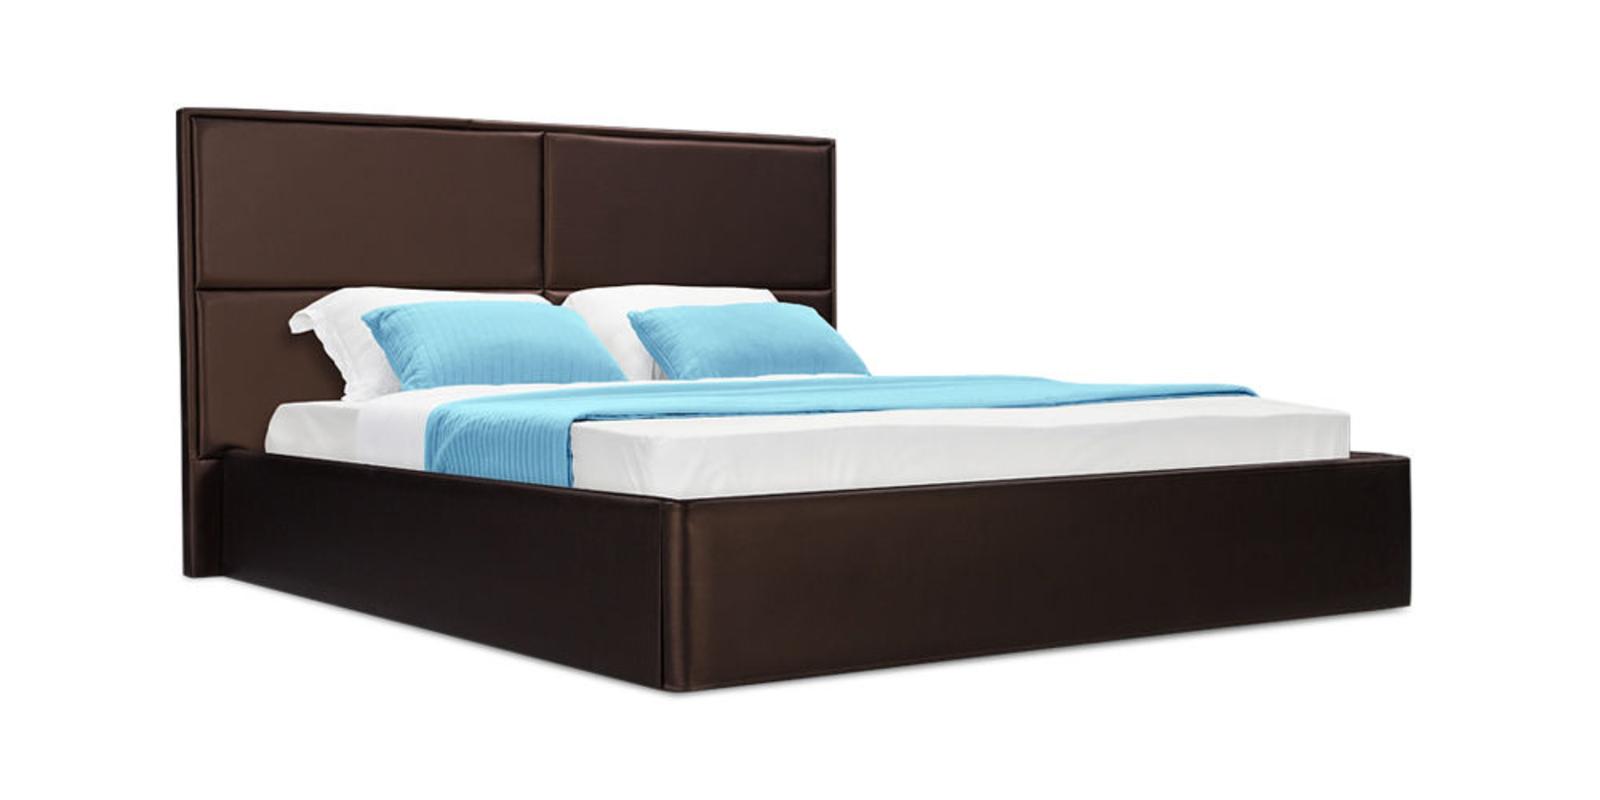 Кровать мягкая Орландо с подъемным механизмом (Luxe шоколадный)